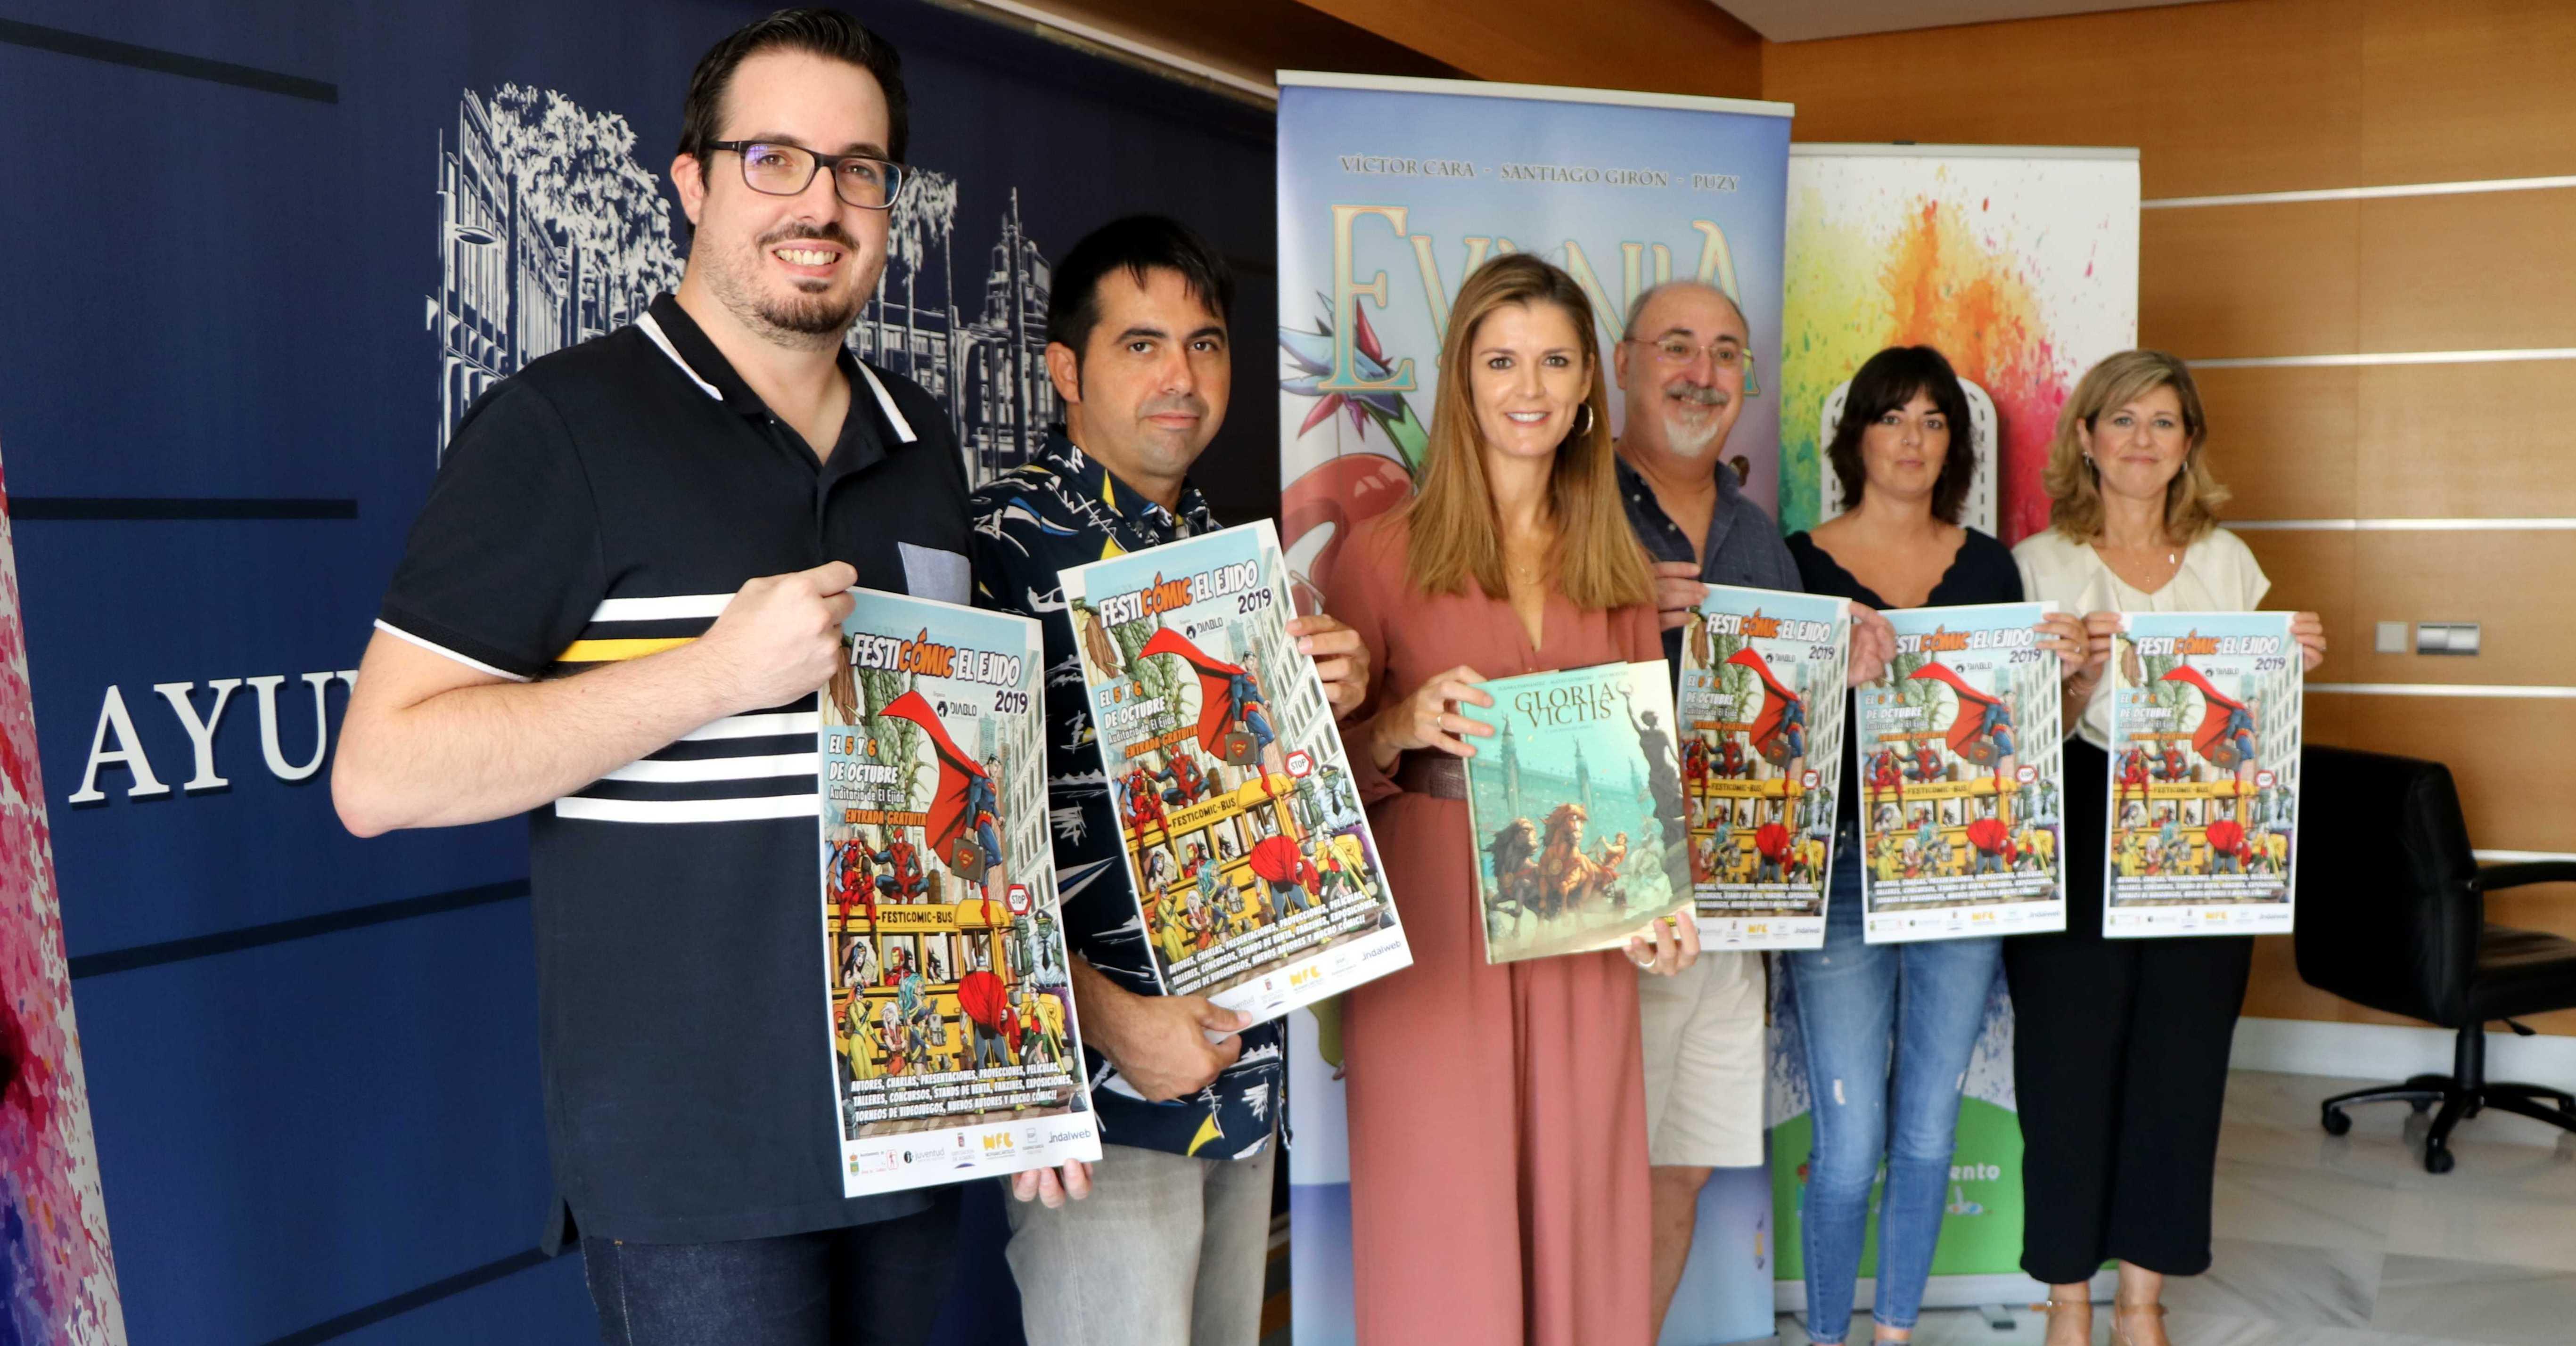 La gran fiesta ejidense del tebeo, Festicomic 2019, dará esta edición especial visibilidad a los creadores locales y provinciales